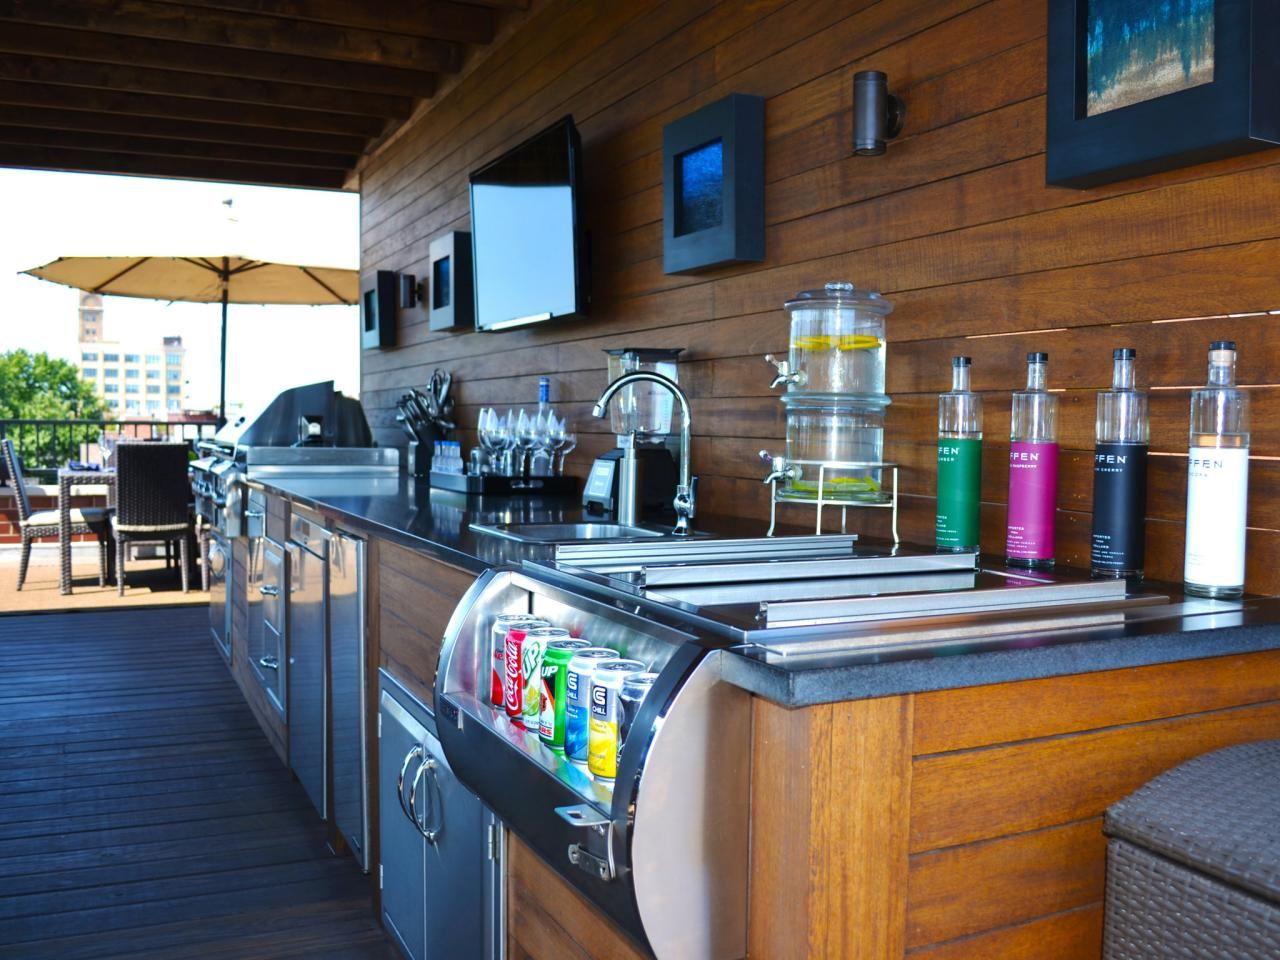 Rooftop Decks | a | Pinterest | Rooftop deck, Rooftop and Tv center